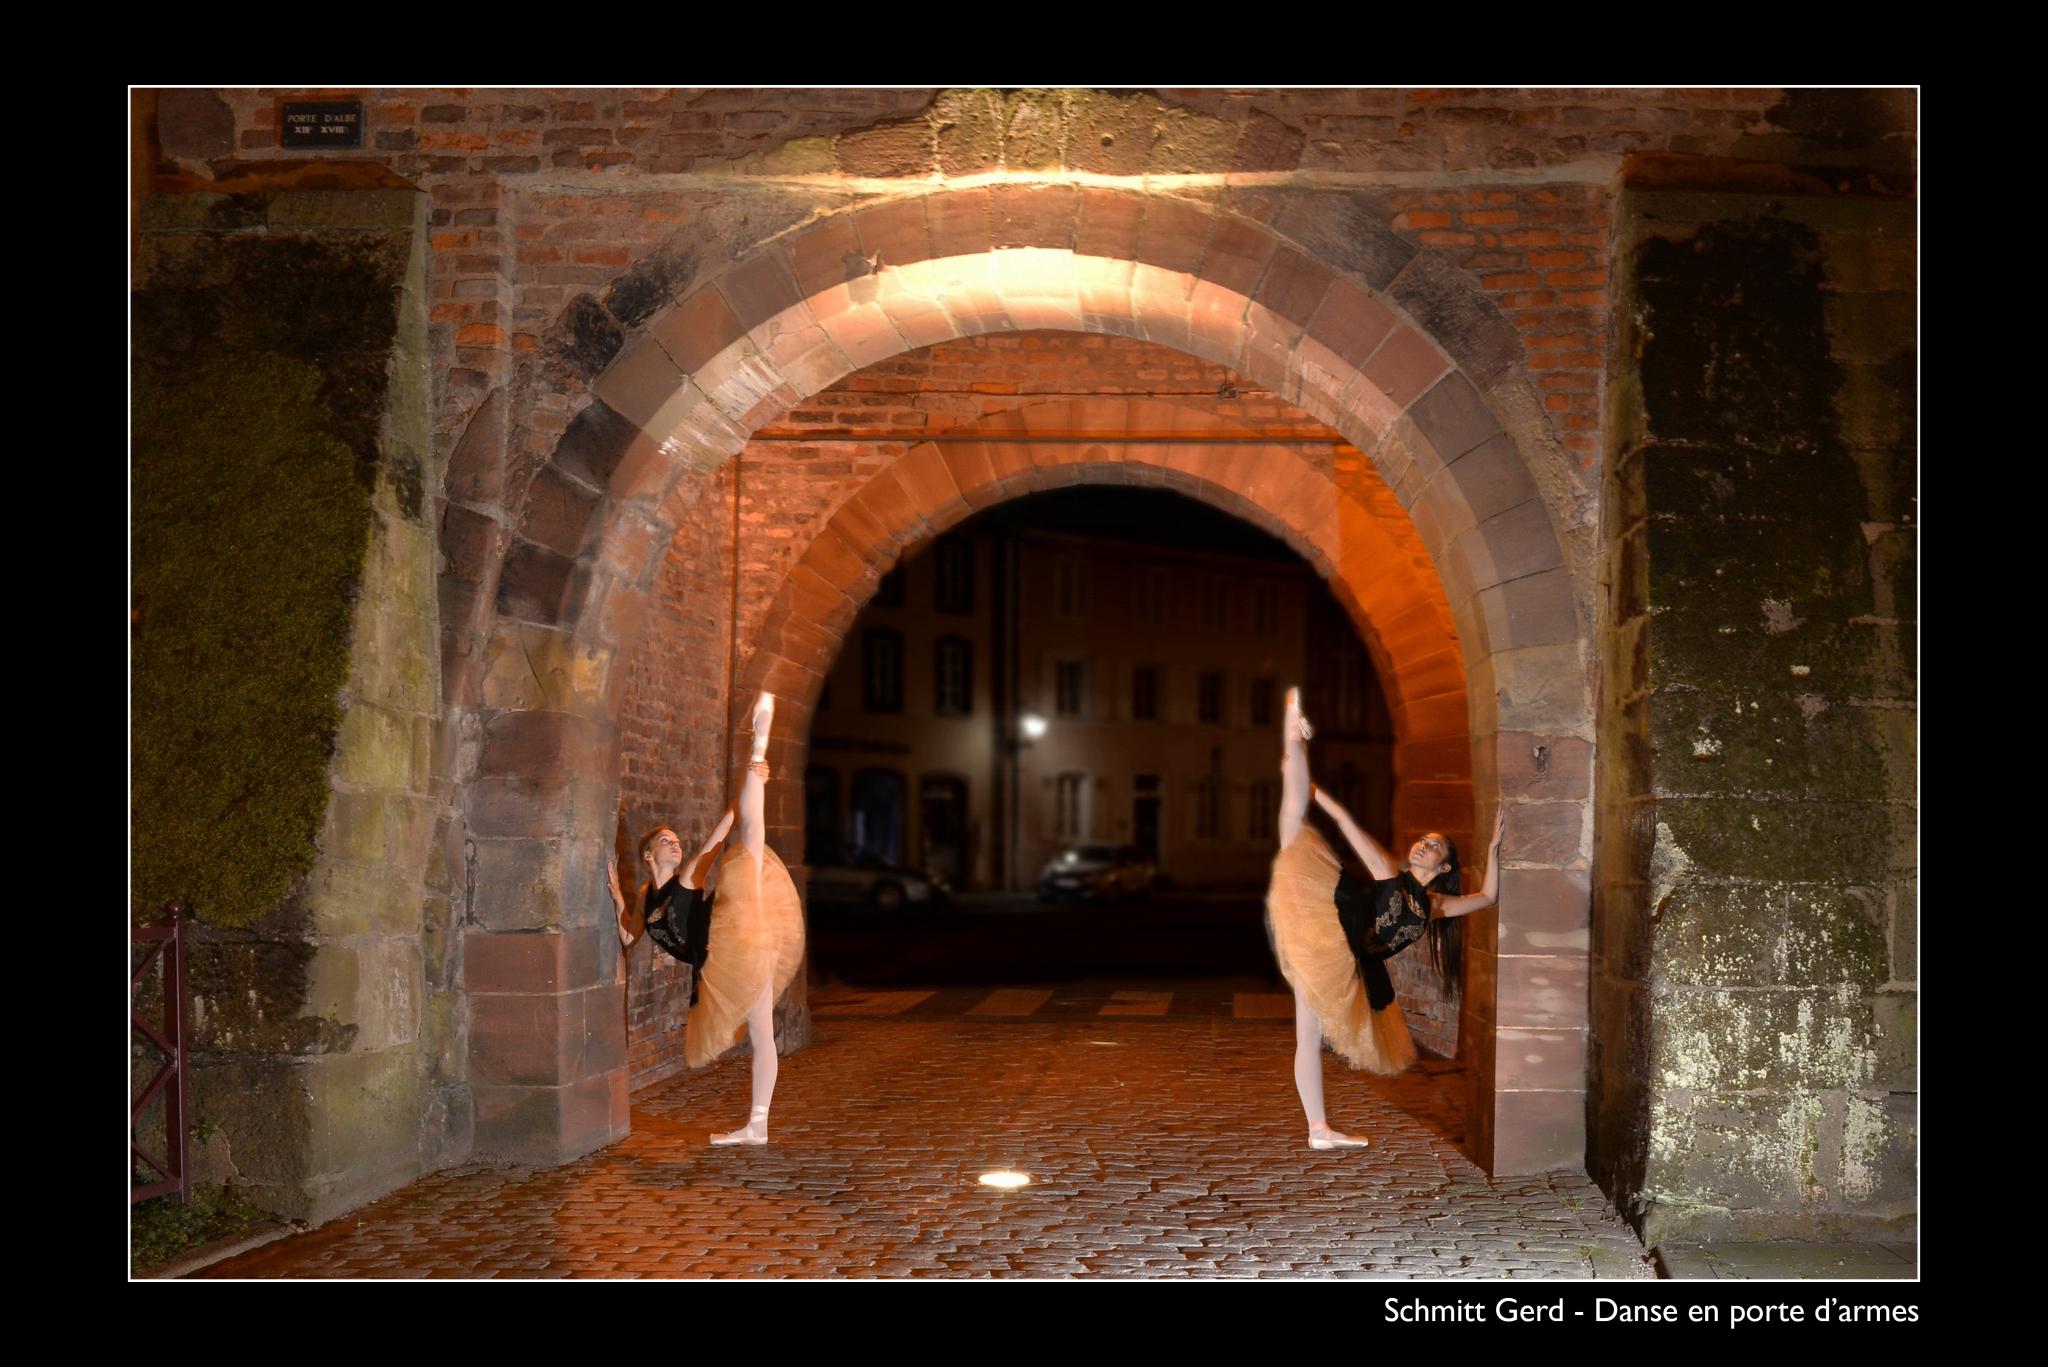 SCHMITT Gerd - Expo 2018 - Papier 5 - Danse en porte d'armes